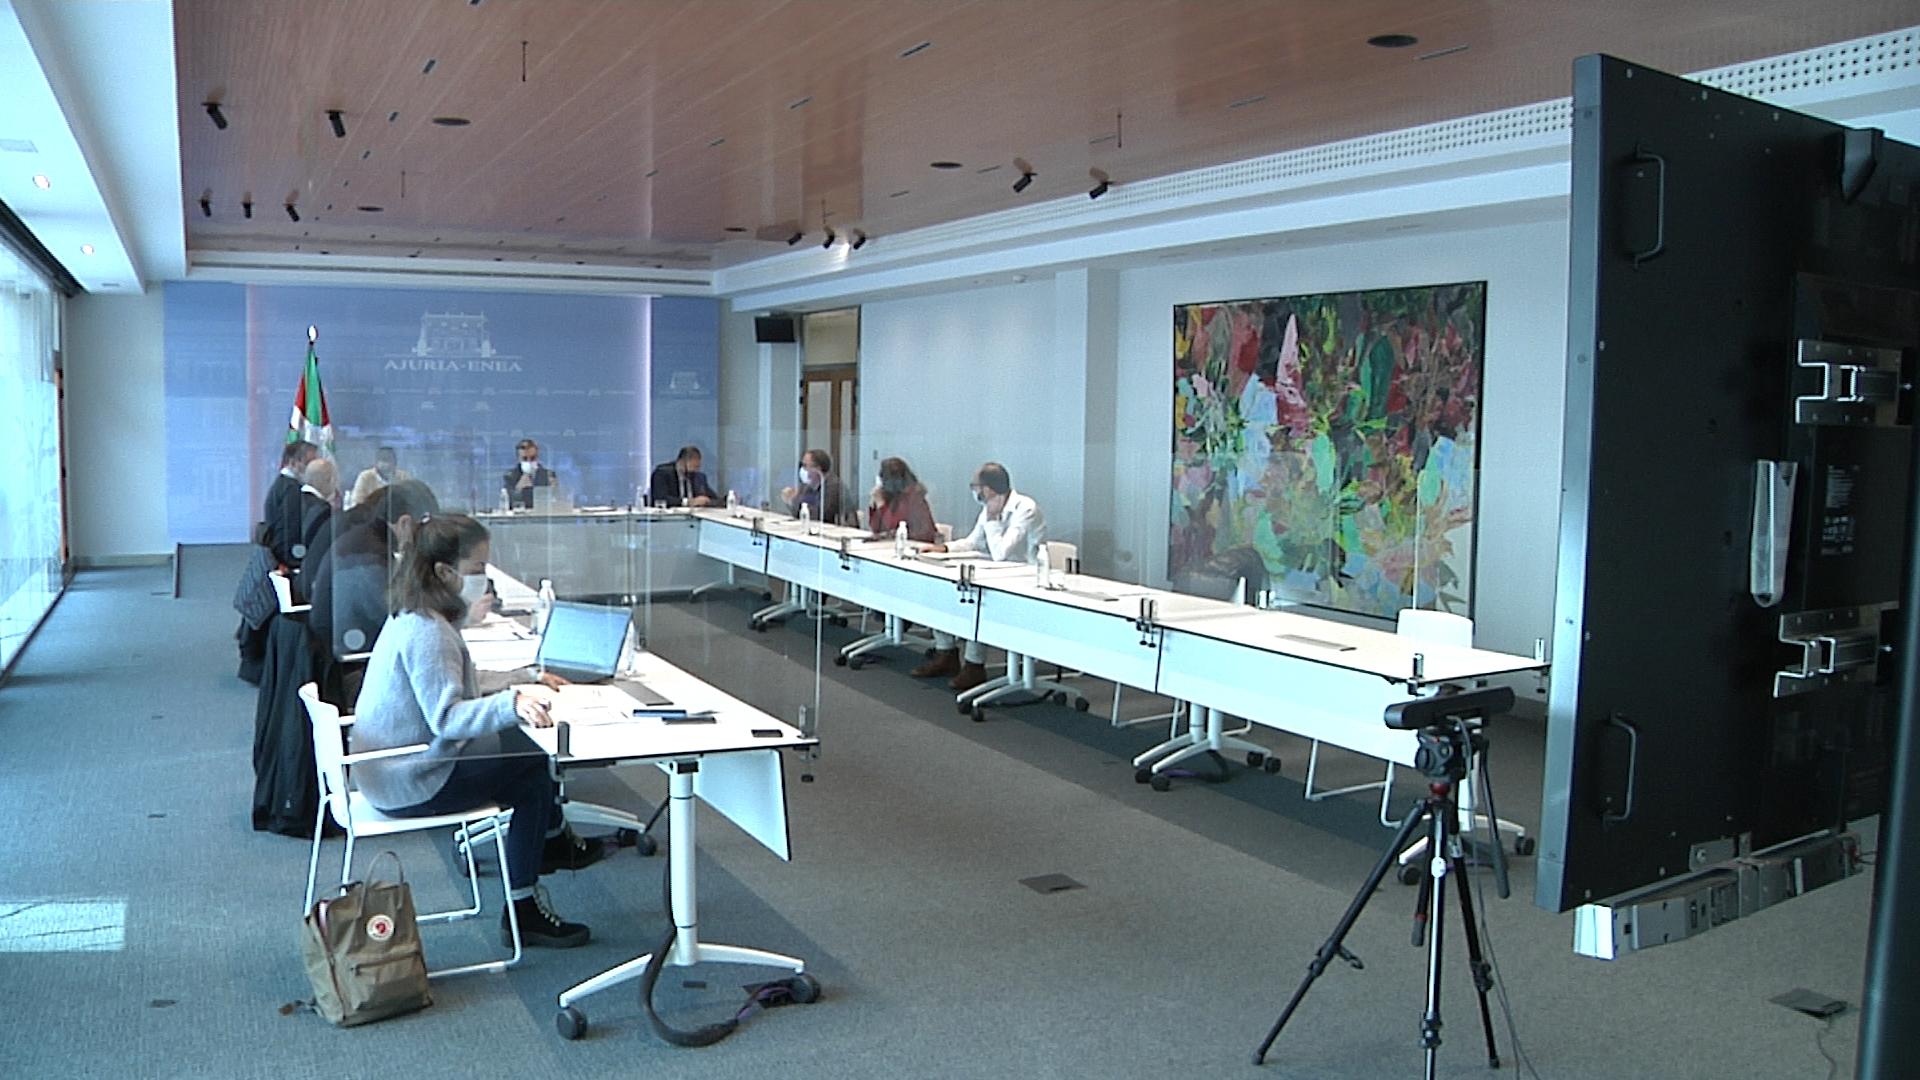 Jonan Fernández preside la reunión de la Comisión Técnica del Consejo Asesor del LABI [3:14]